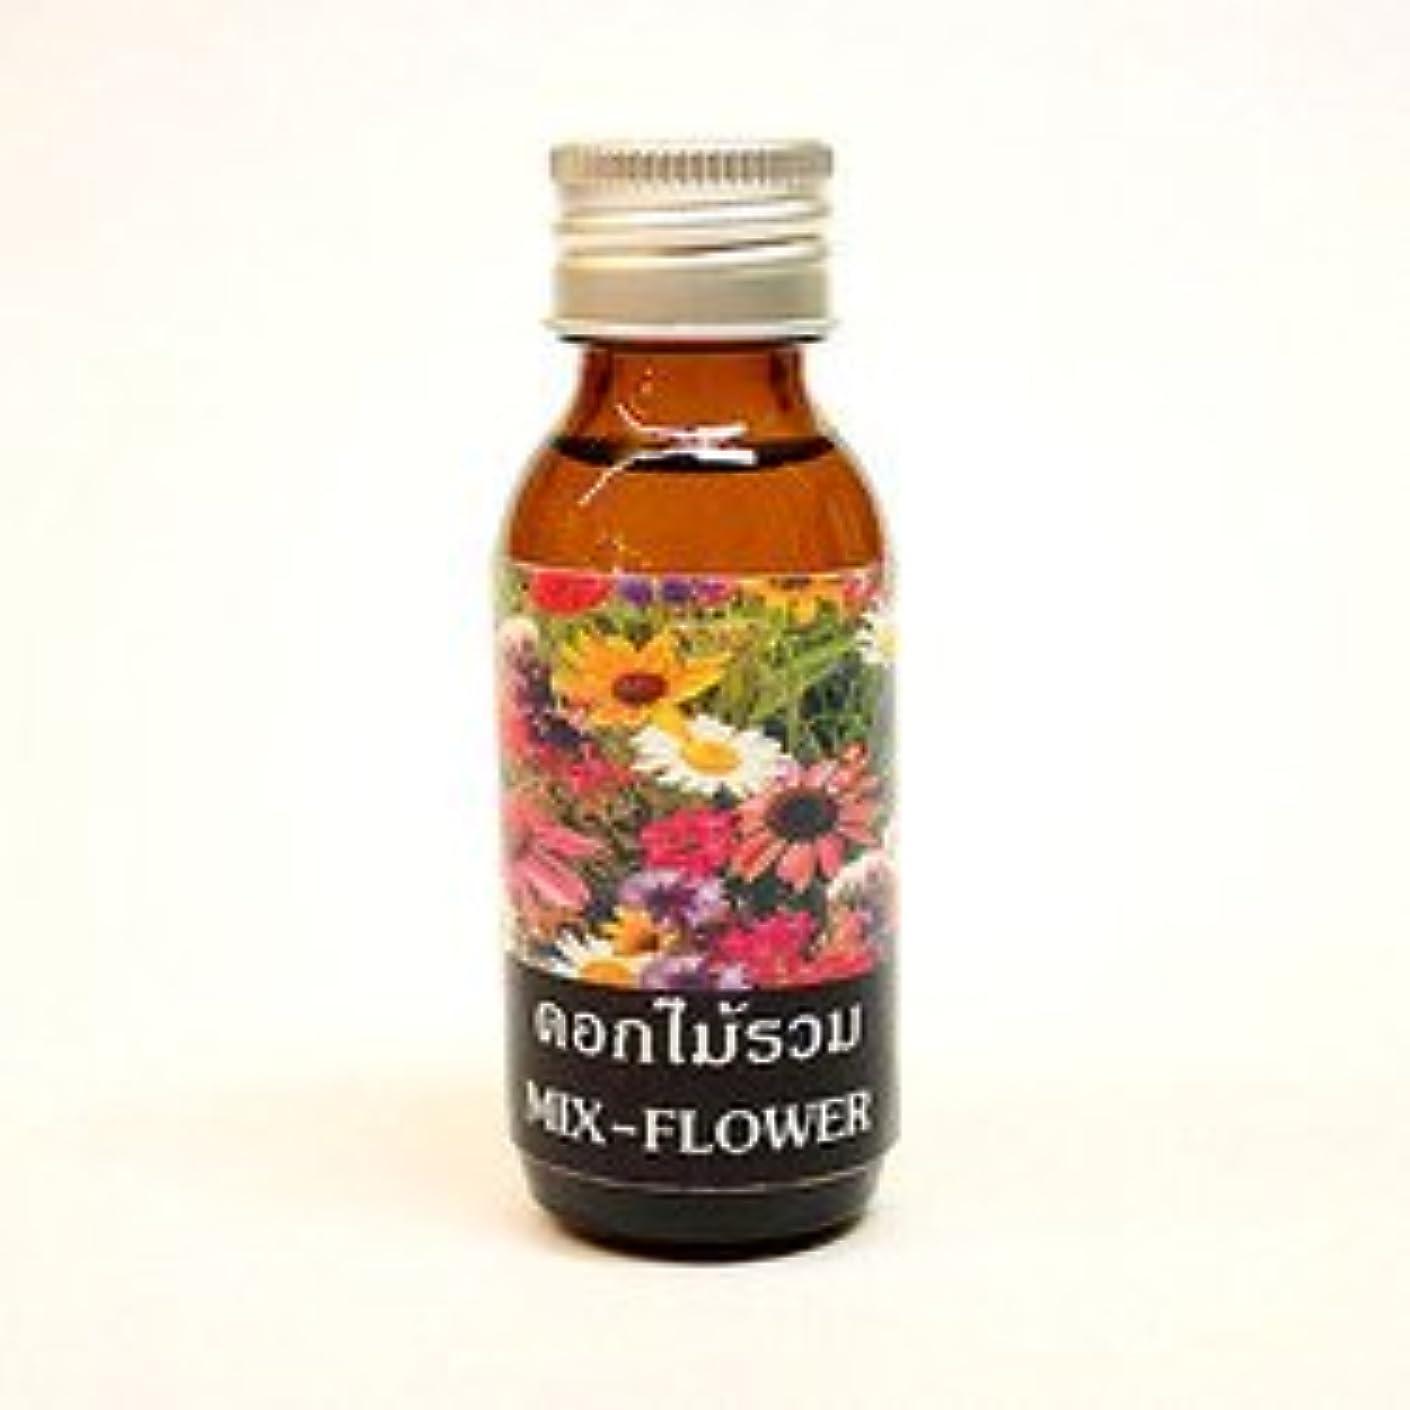 壁紙海藻評価するミックスフラワー 〔Mix-Flower〕 アロマテラピーオイル 30ml アジアン雑貨